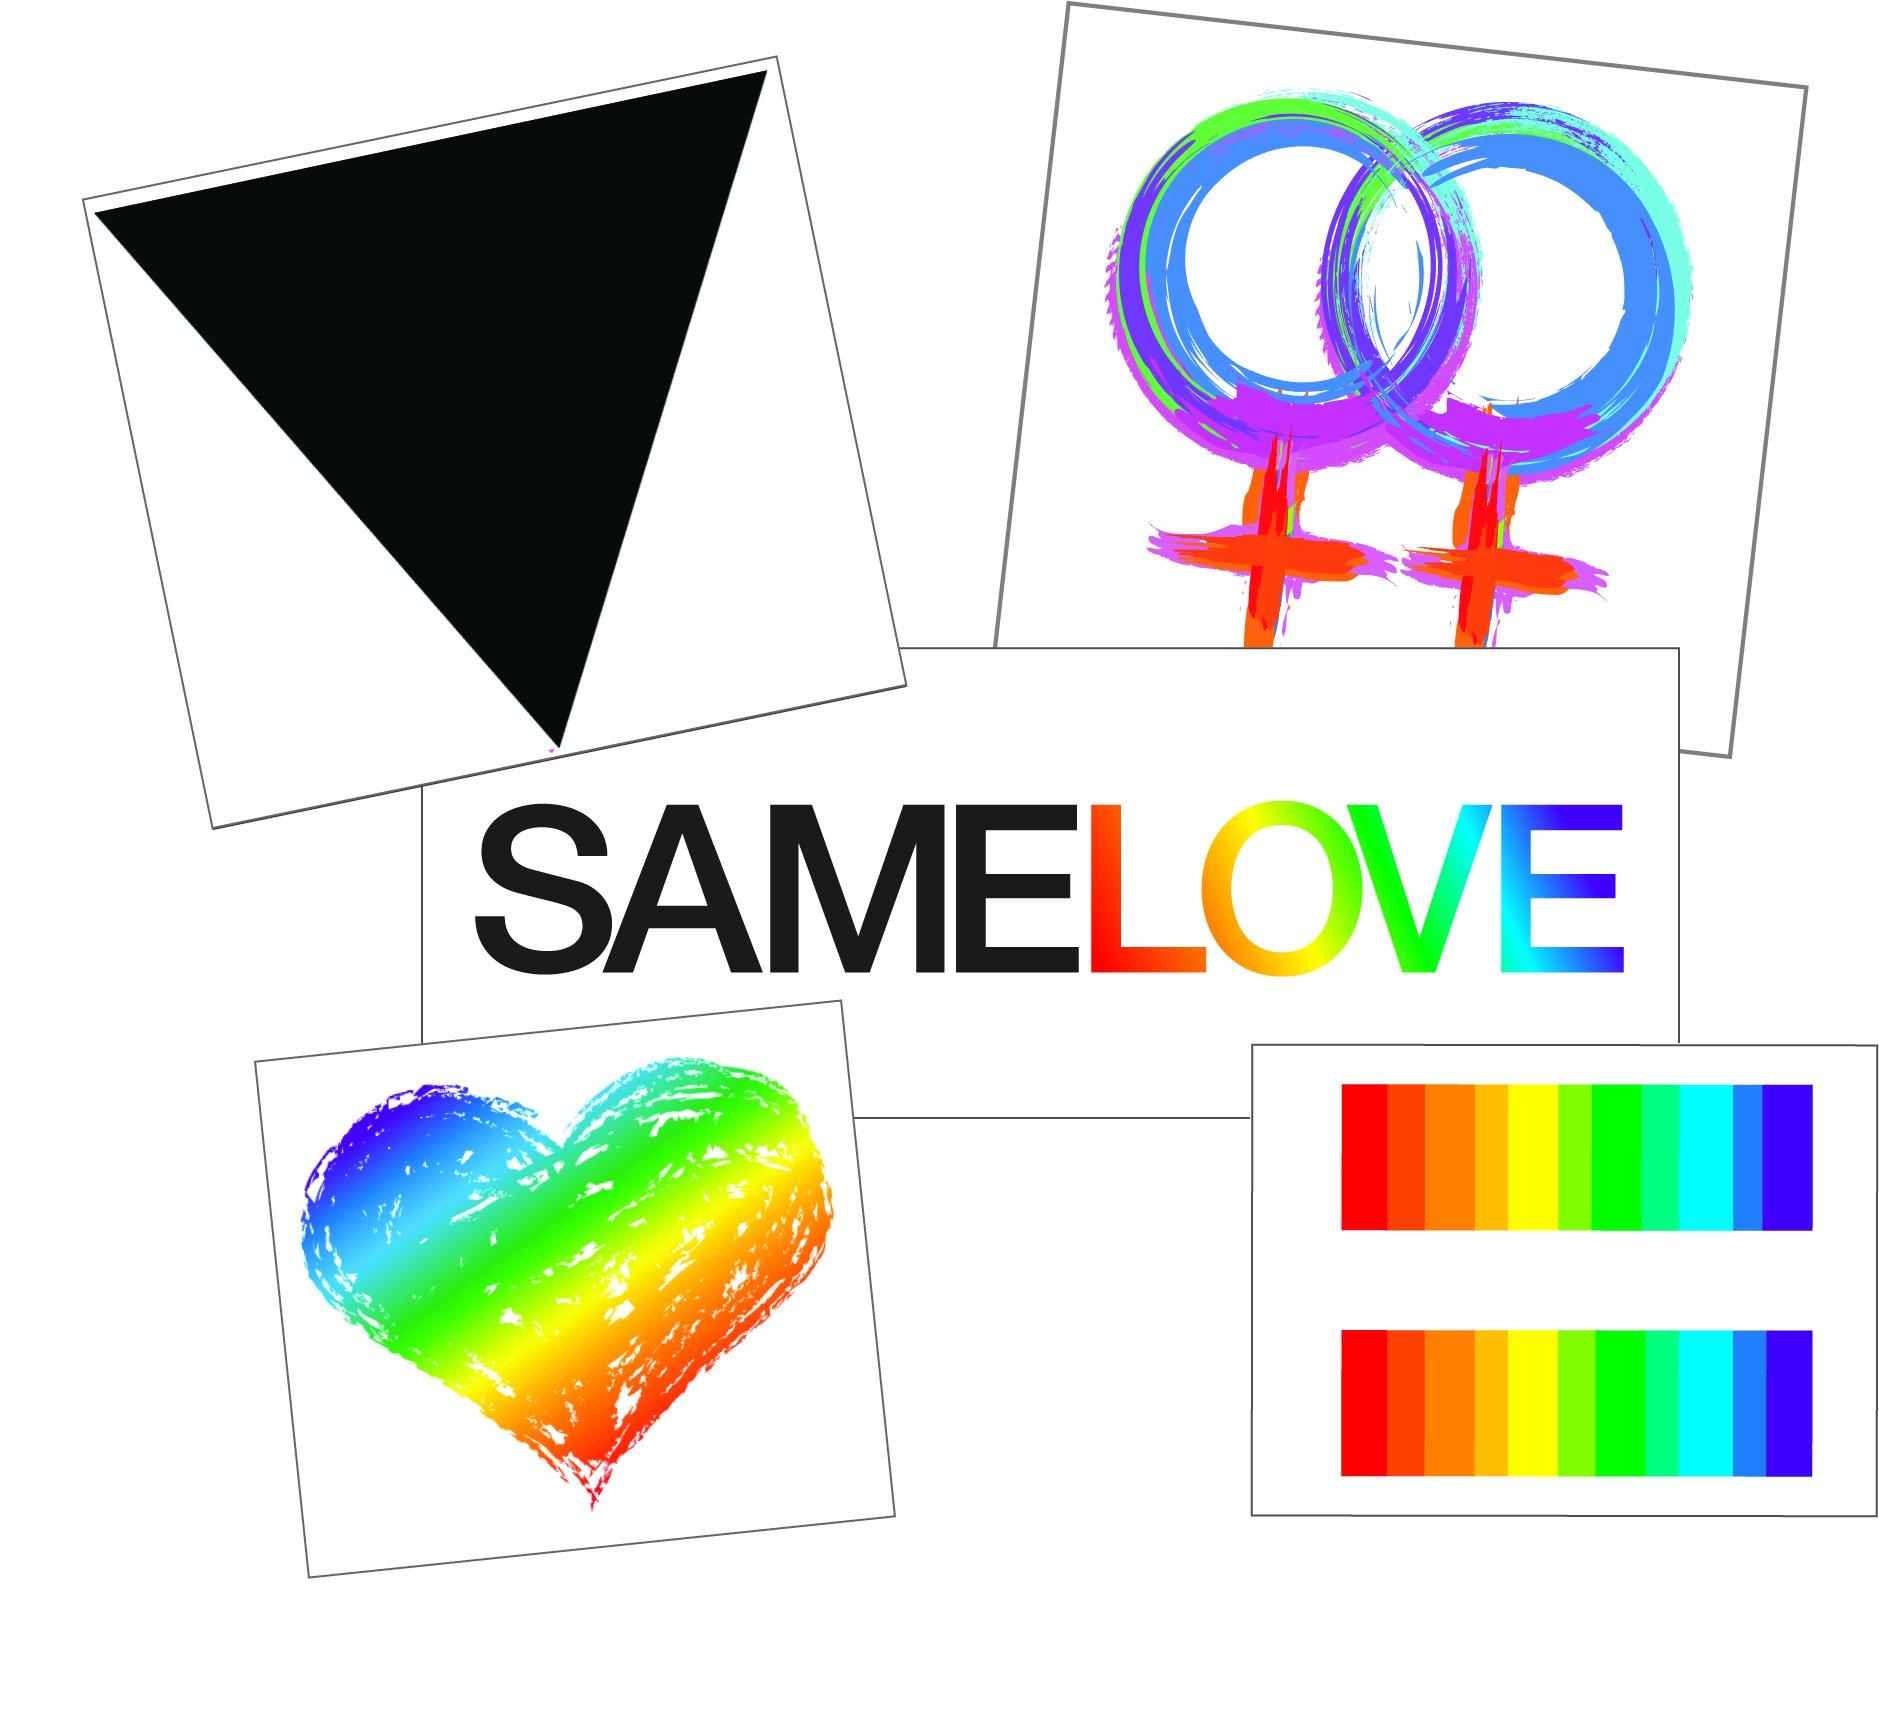 誇りレインボーハート一時的な入れ墨 - ゲイプライドアクセサリキット -  LGBTQボディアートキット - 男性、女性、若者のための半永久的な入れ墨の誇り